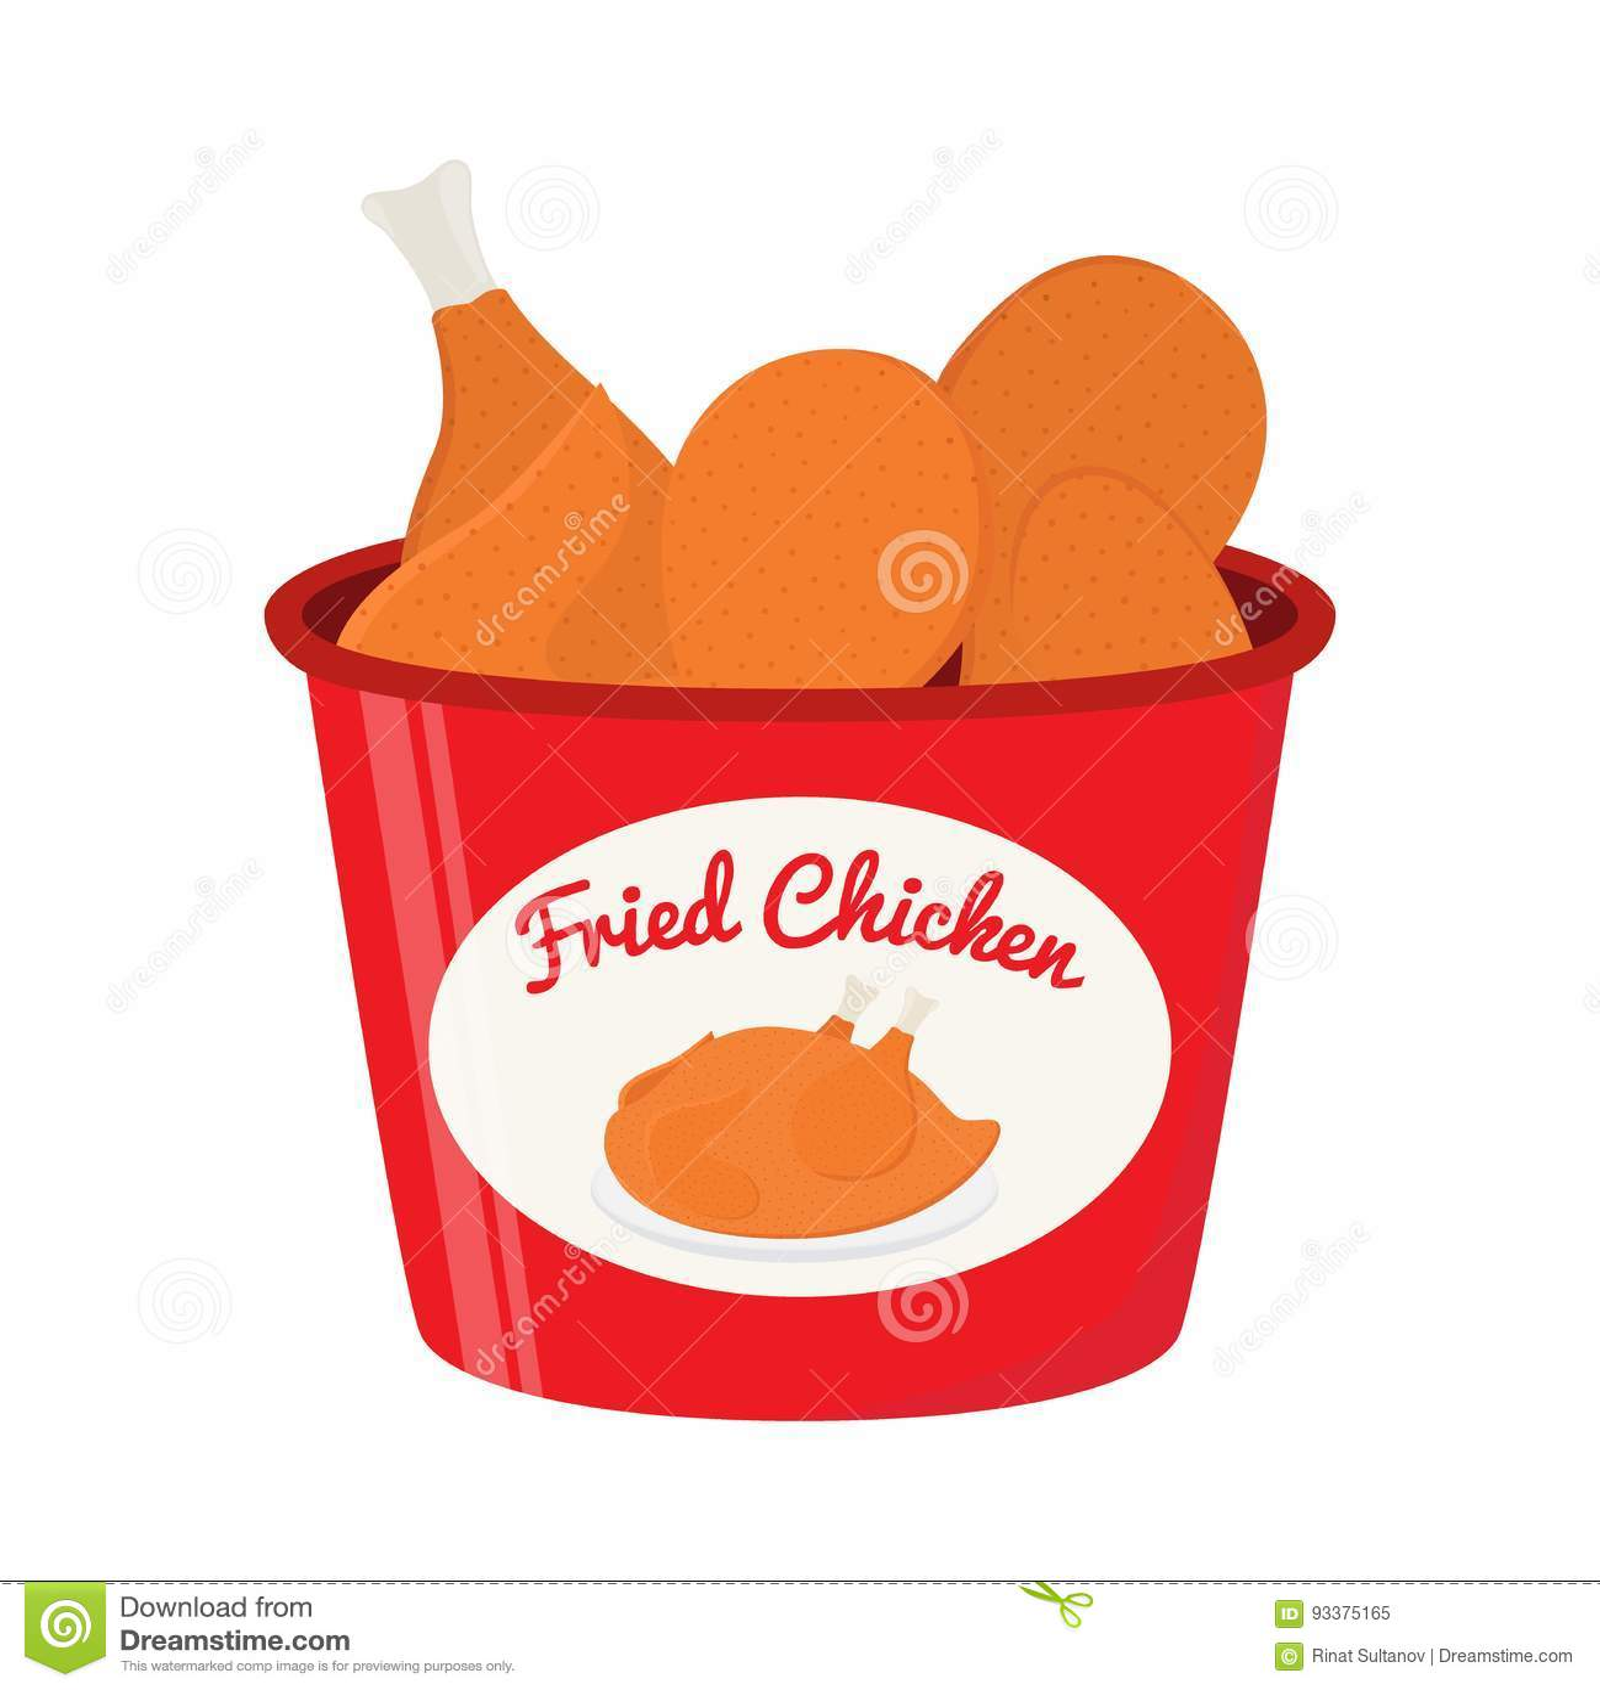 Vector Illustration Of Bucket Of Fried Chicken Tasty Fast Food